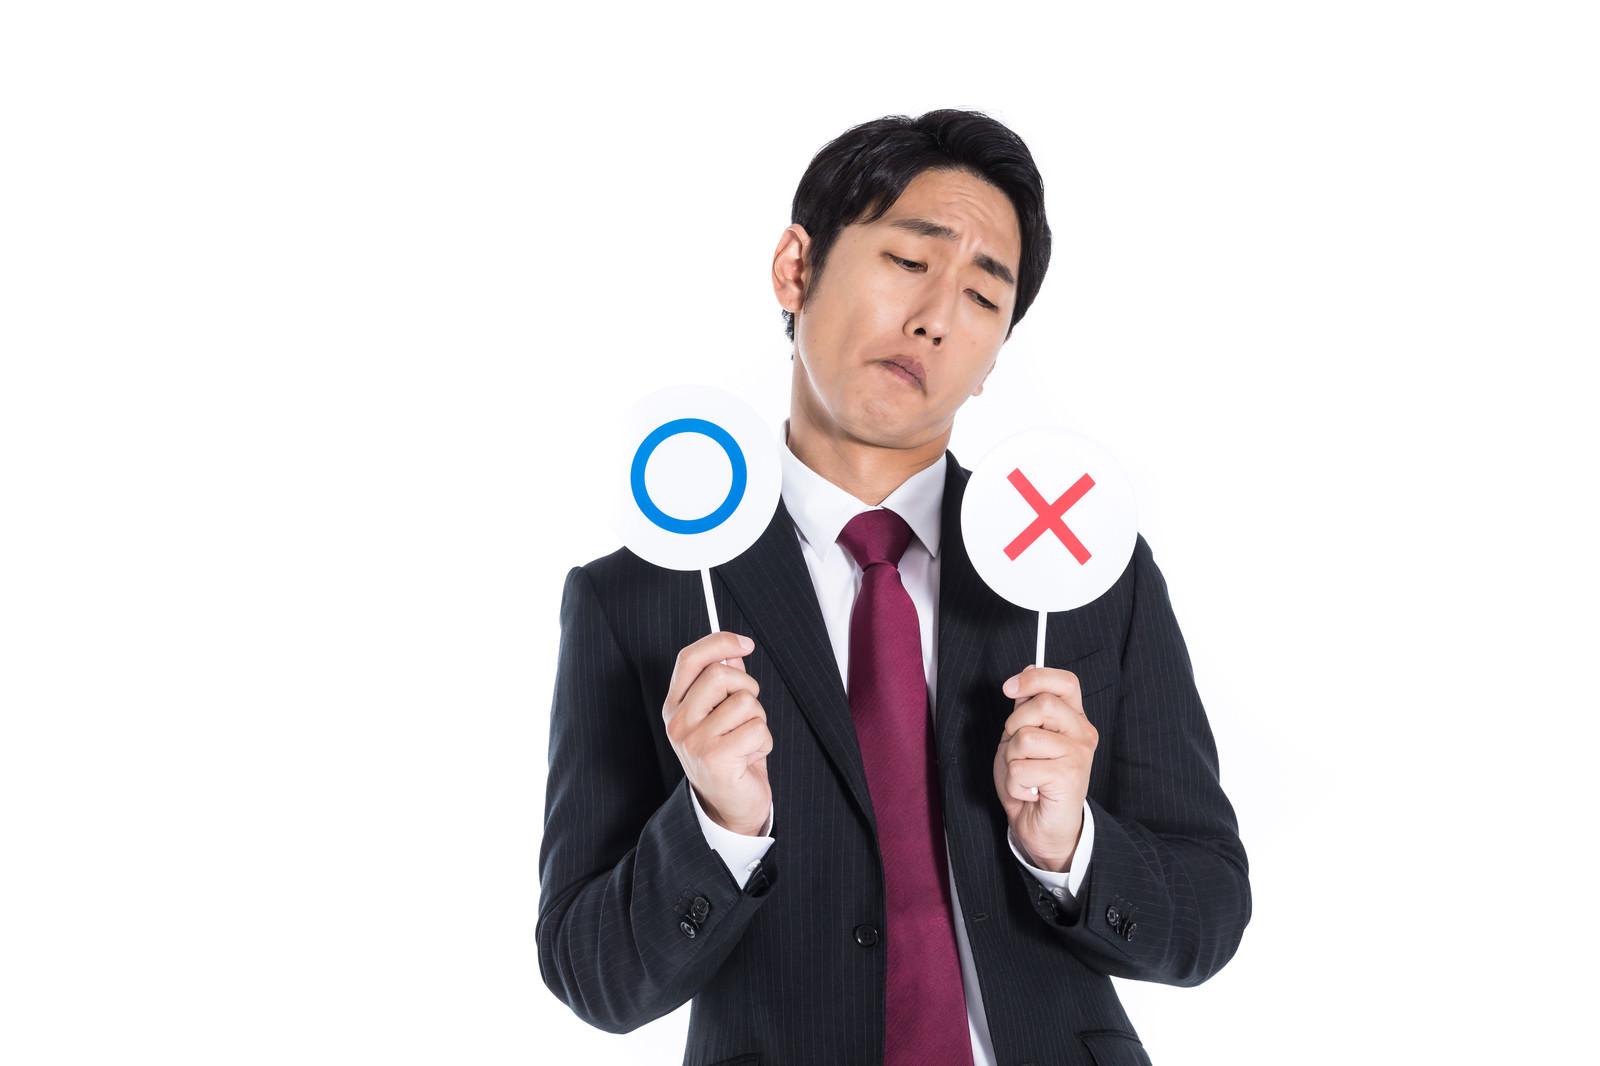 「○×どちらにするか検討する会社員」の写真[モデル:大川竜弥]